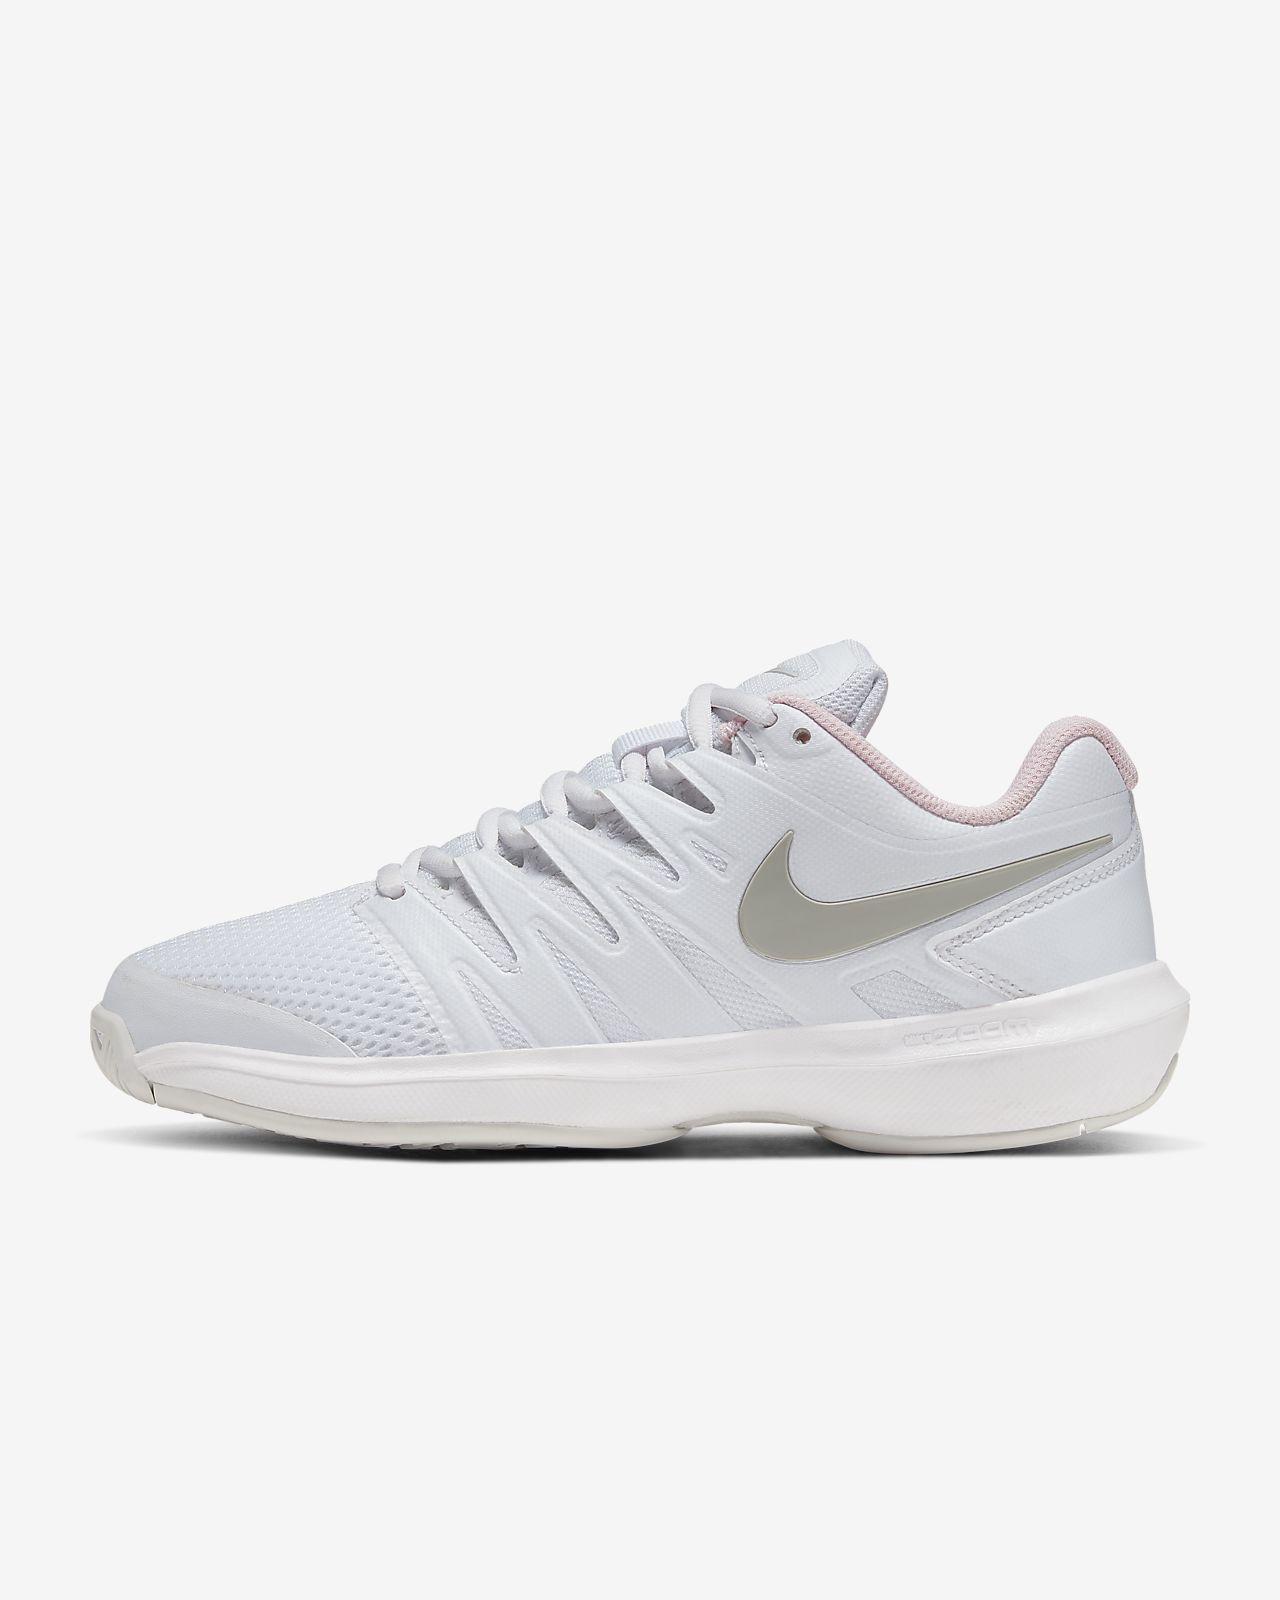 Teniszcipő: Nike Air Zoom Prestige